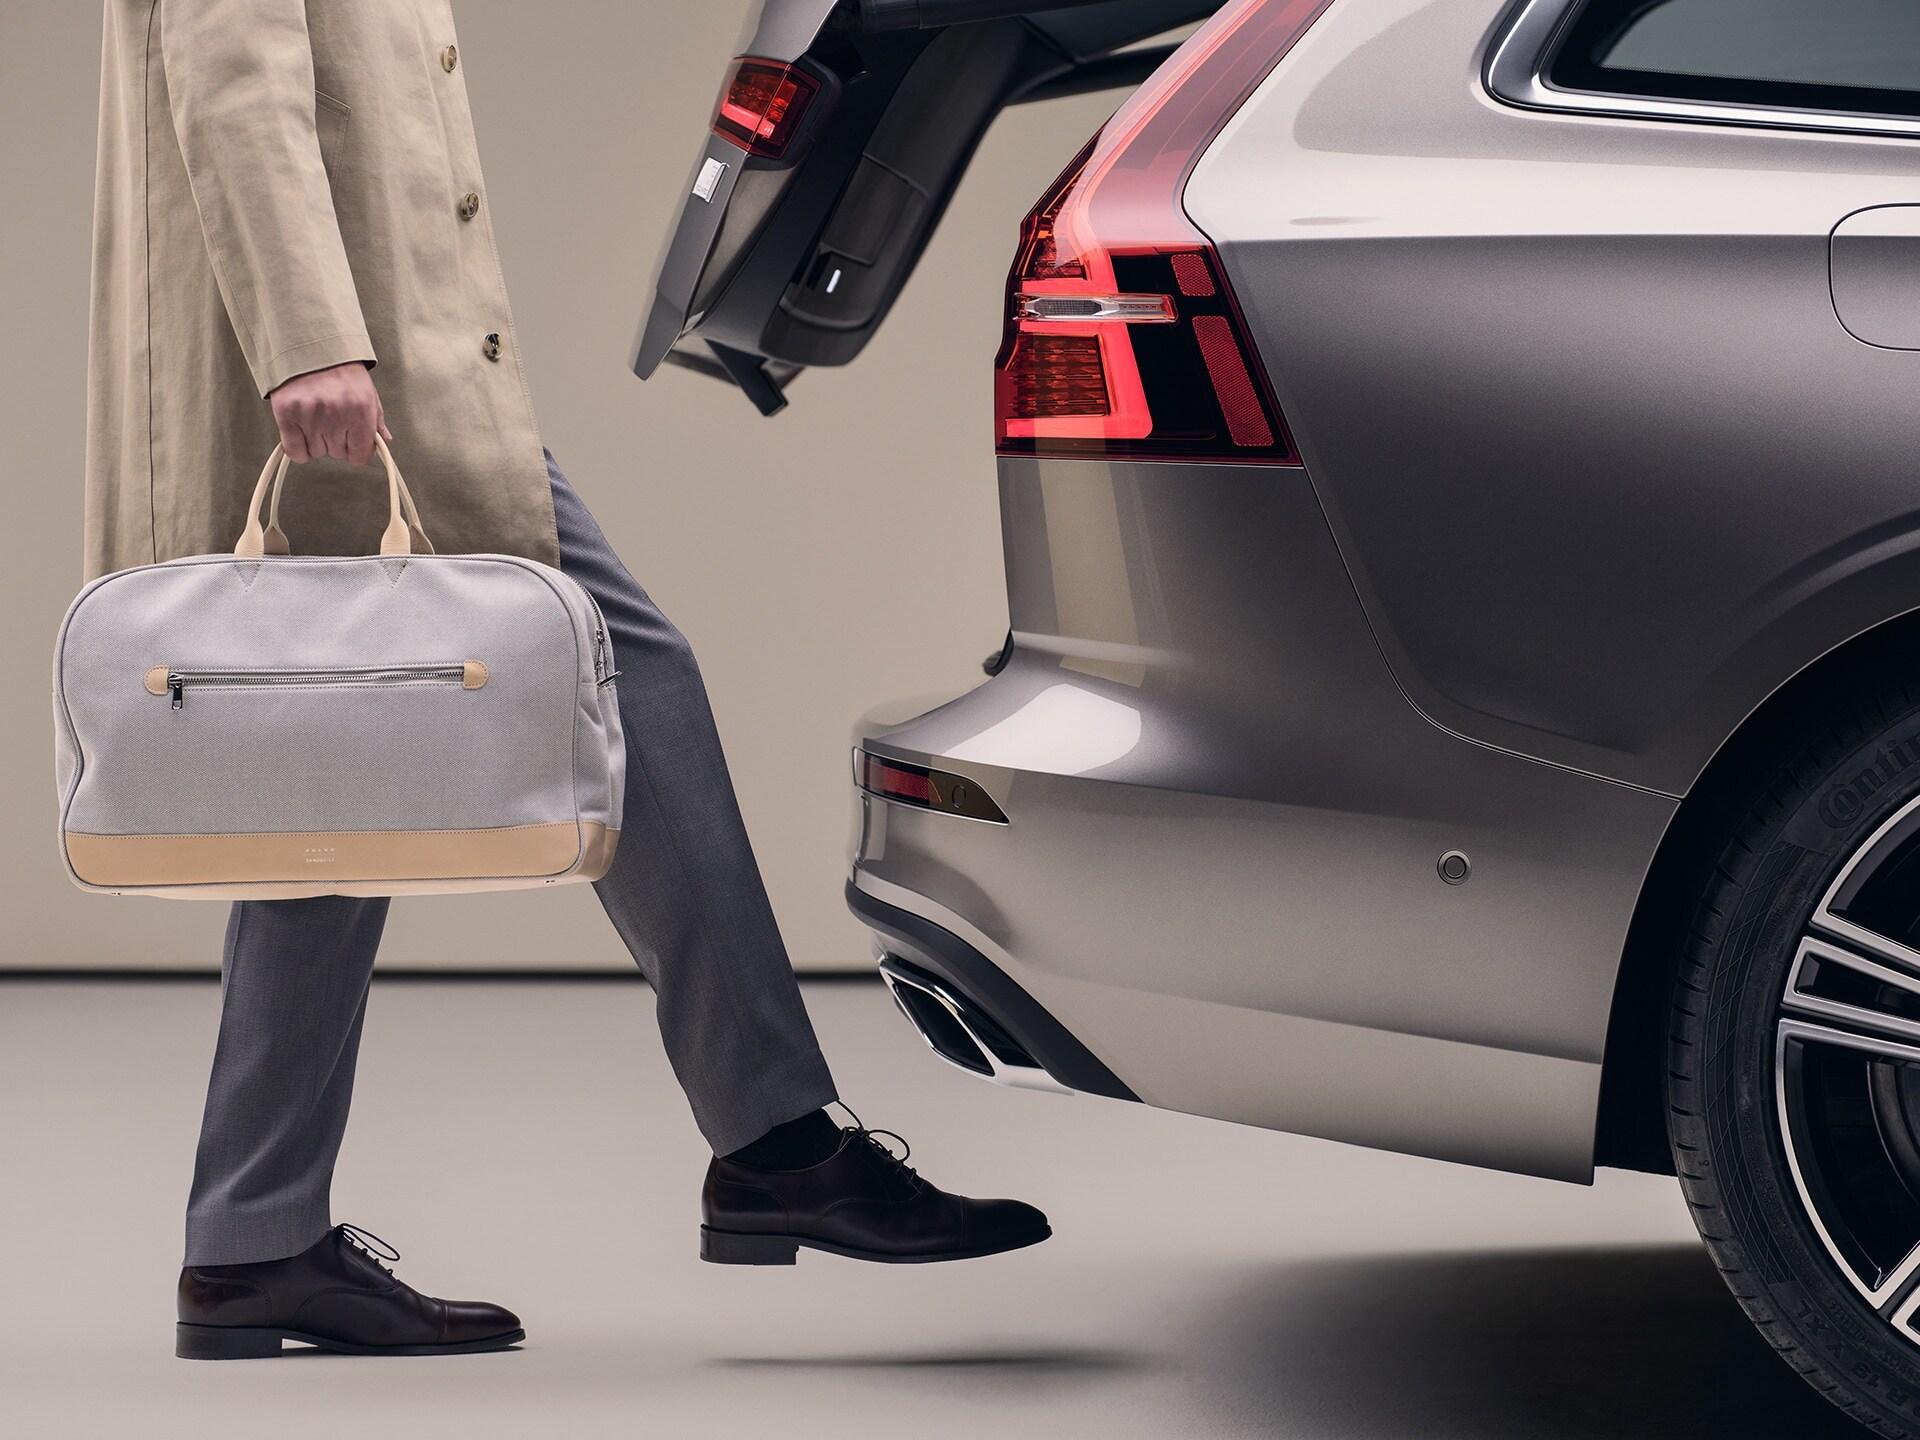 Чоловік зі спортивною сумкою в руці проводить ногою під заднім бампером, щоб відкрити двері багажного відділення.